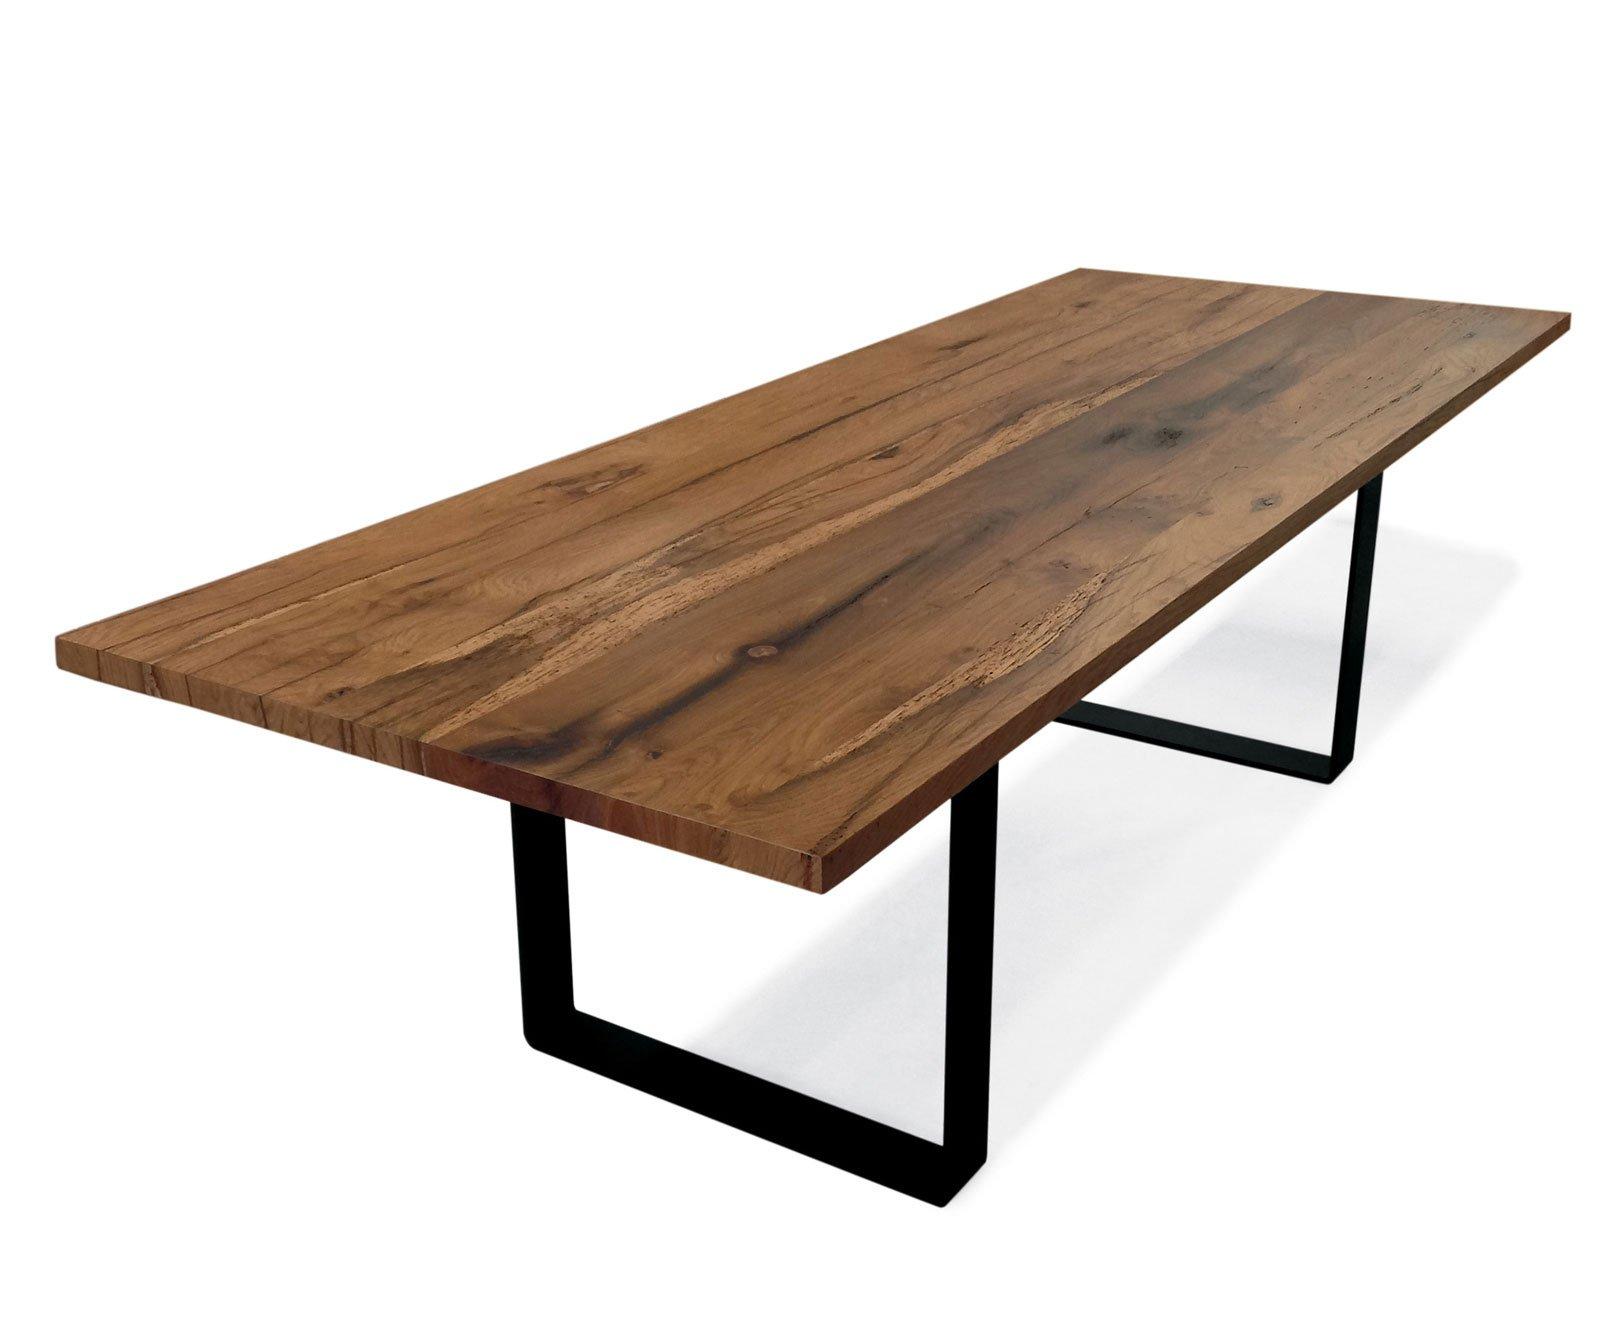 Tavoli al salone del mobile 2015 prevale l 39 essenzialit for Tavolo effetto marmo